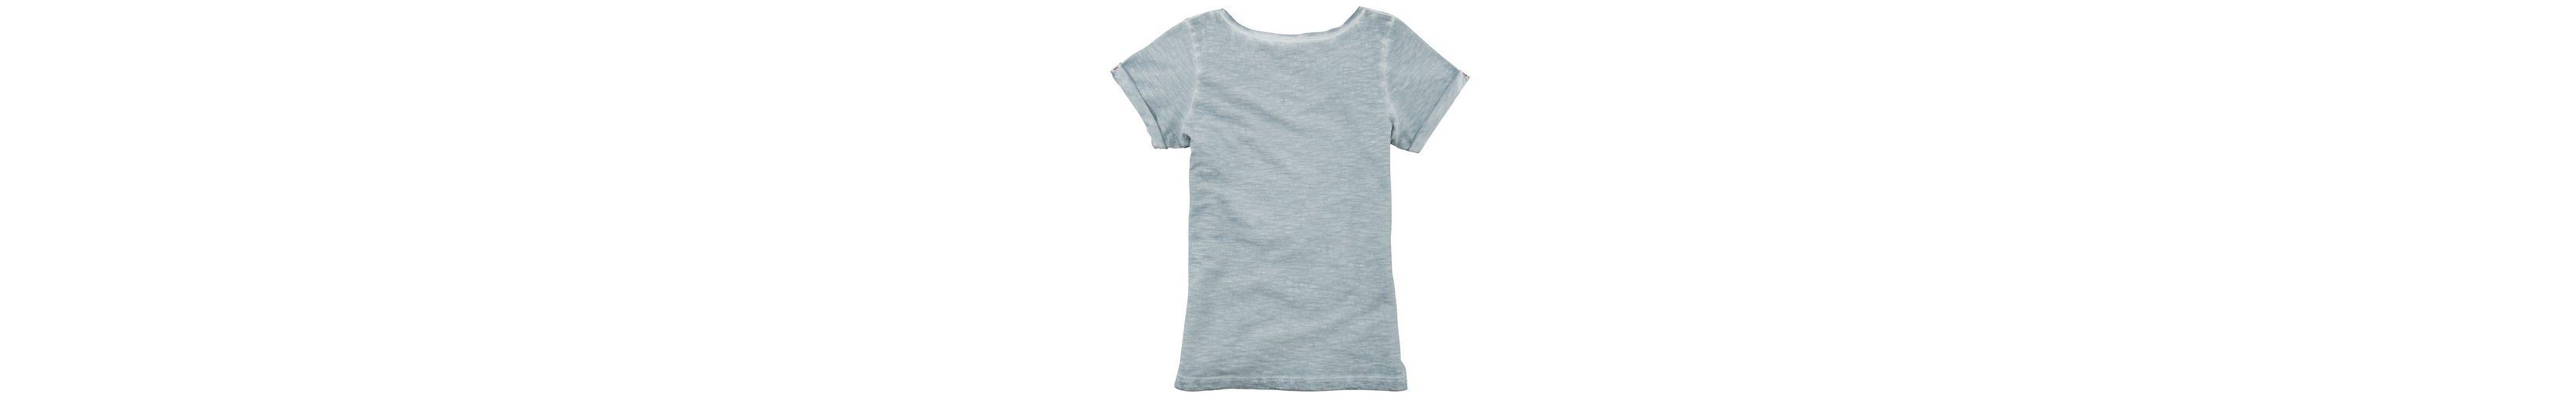 Stockerpoint Trachtenshirt Damen in taillierter Form Billig Verkaufen Wiki Billig Verkauf Ebay Rabatt Top-Qualität 80e9uk